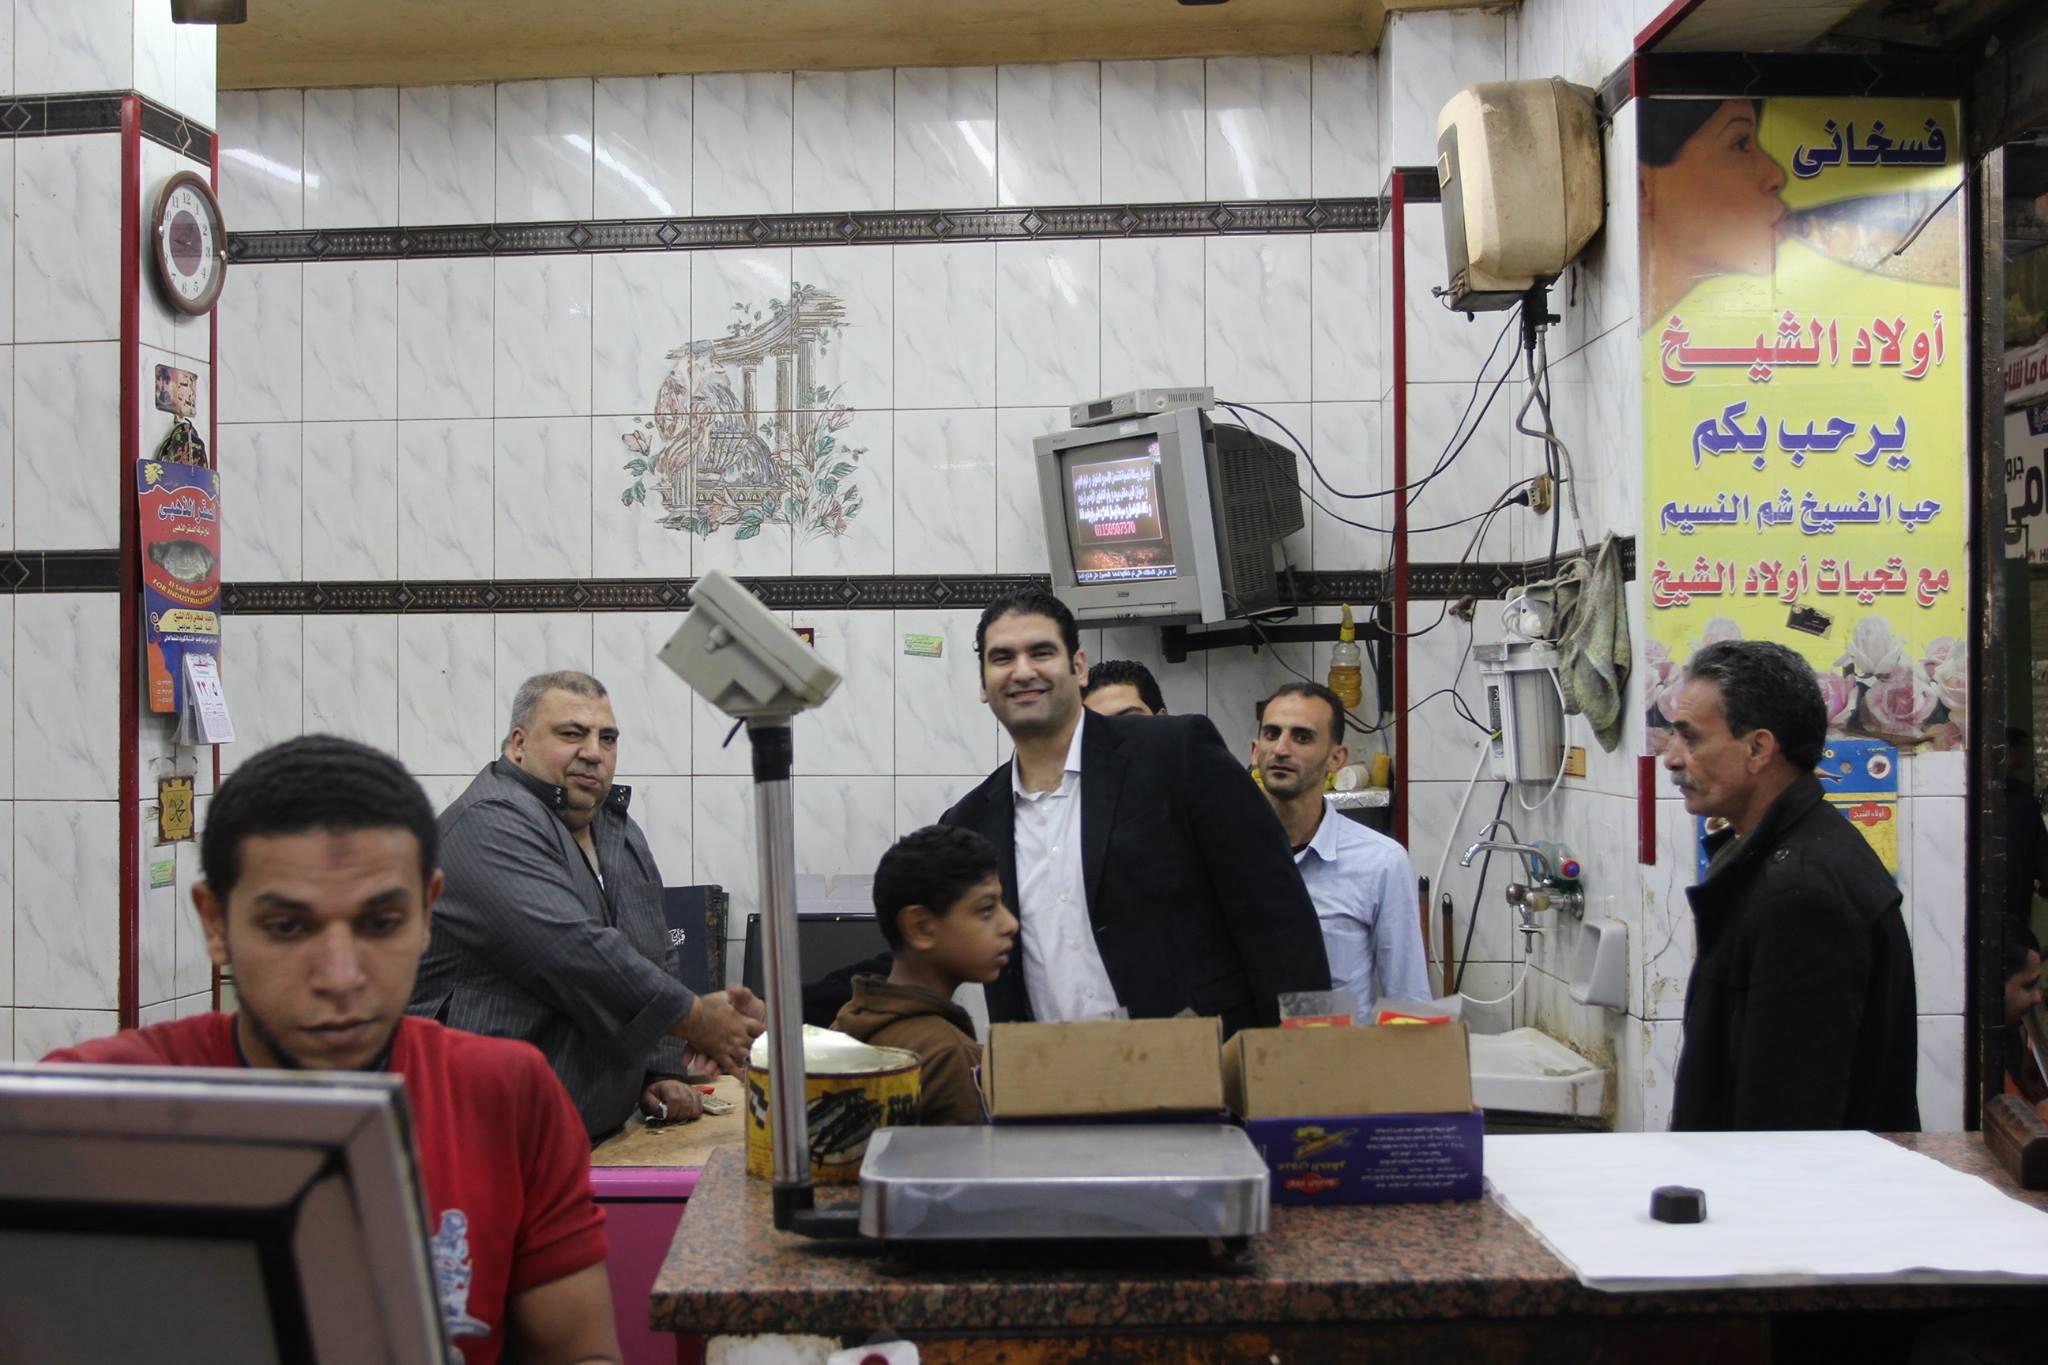 """صورة المرشح """"إسلام مرعى"""" يواصل جولاته بشوارع الدائرة الأولى بالزقازيق"""